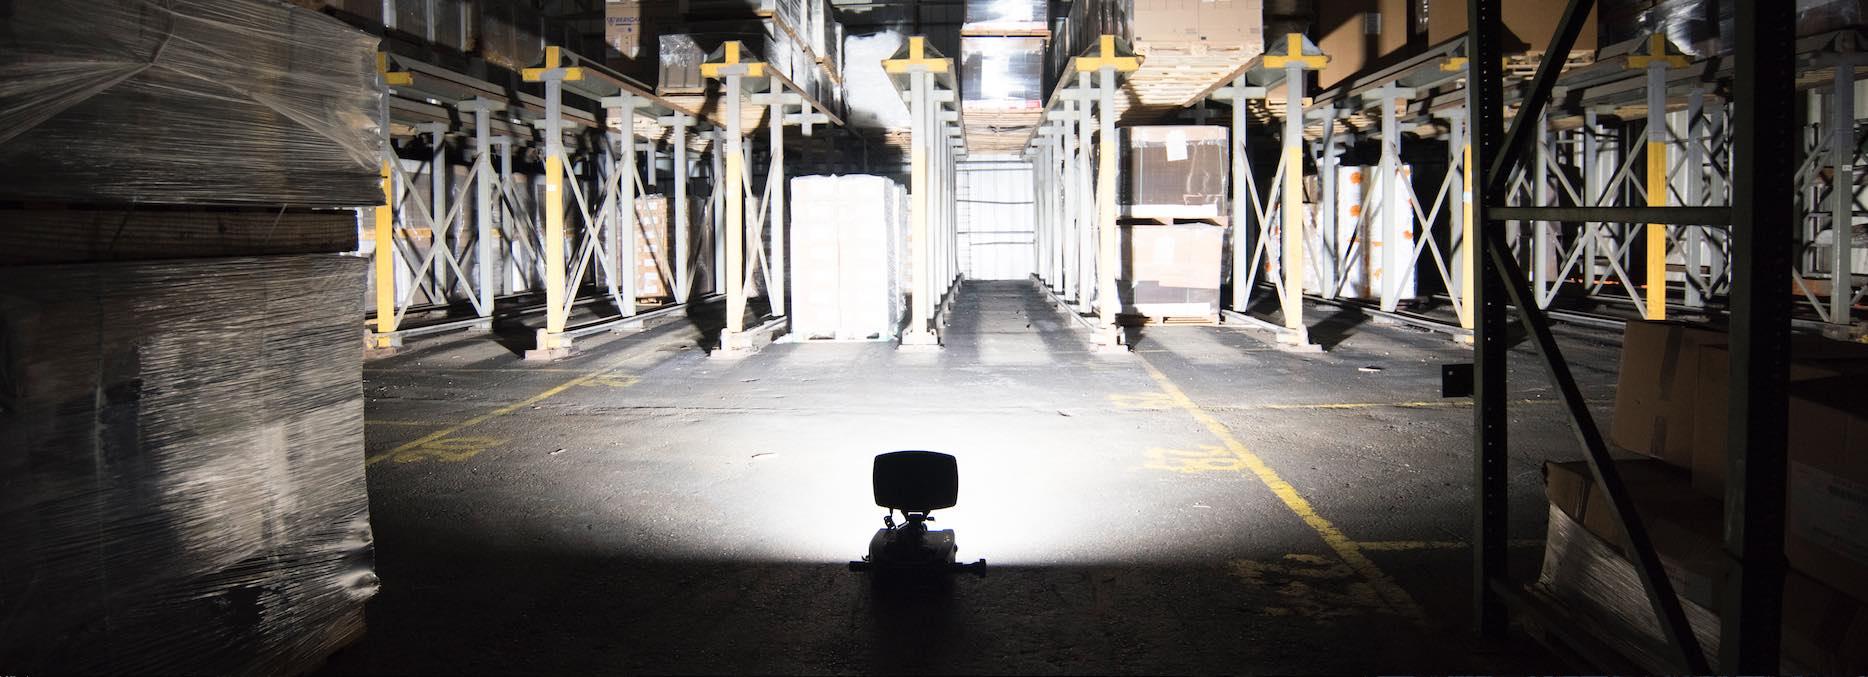 ערכת תאורה ניידת נטענת